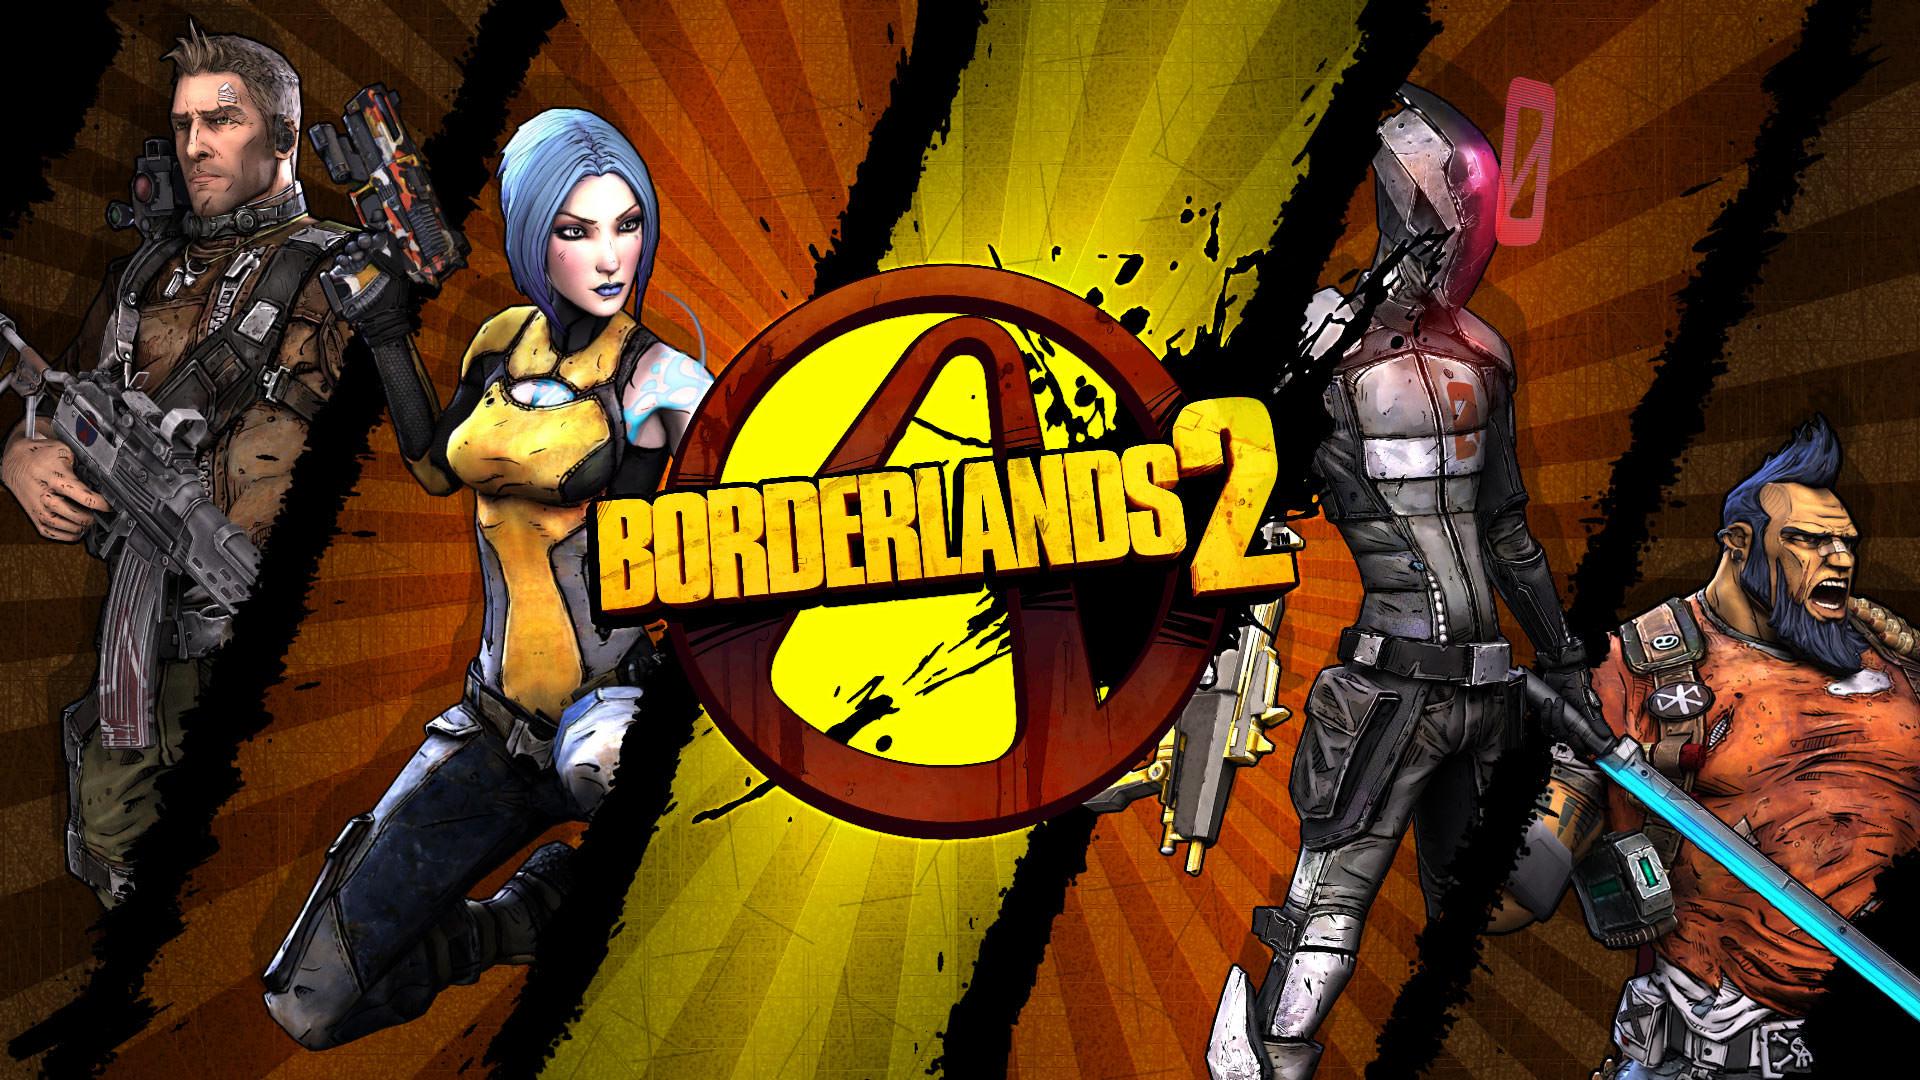 Borderlands 2 – Dieses Wochenende free to play auf Steam